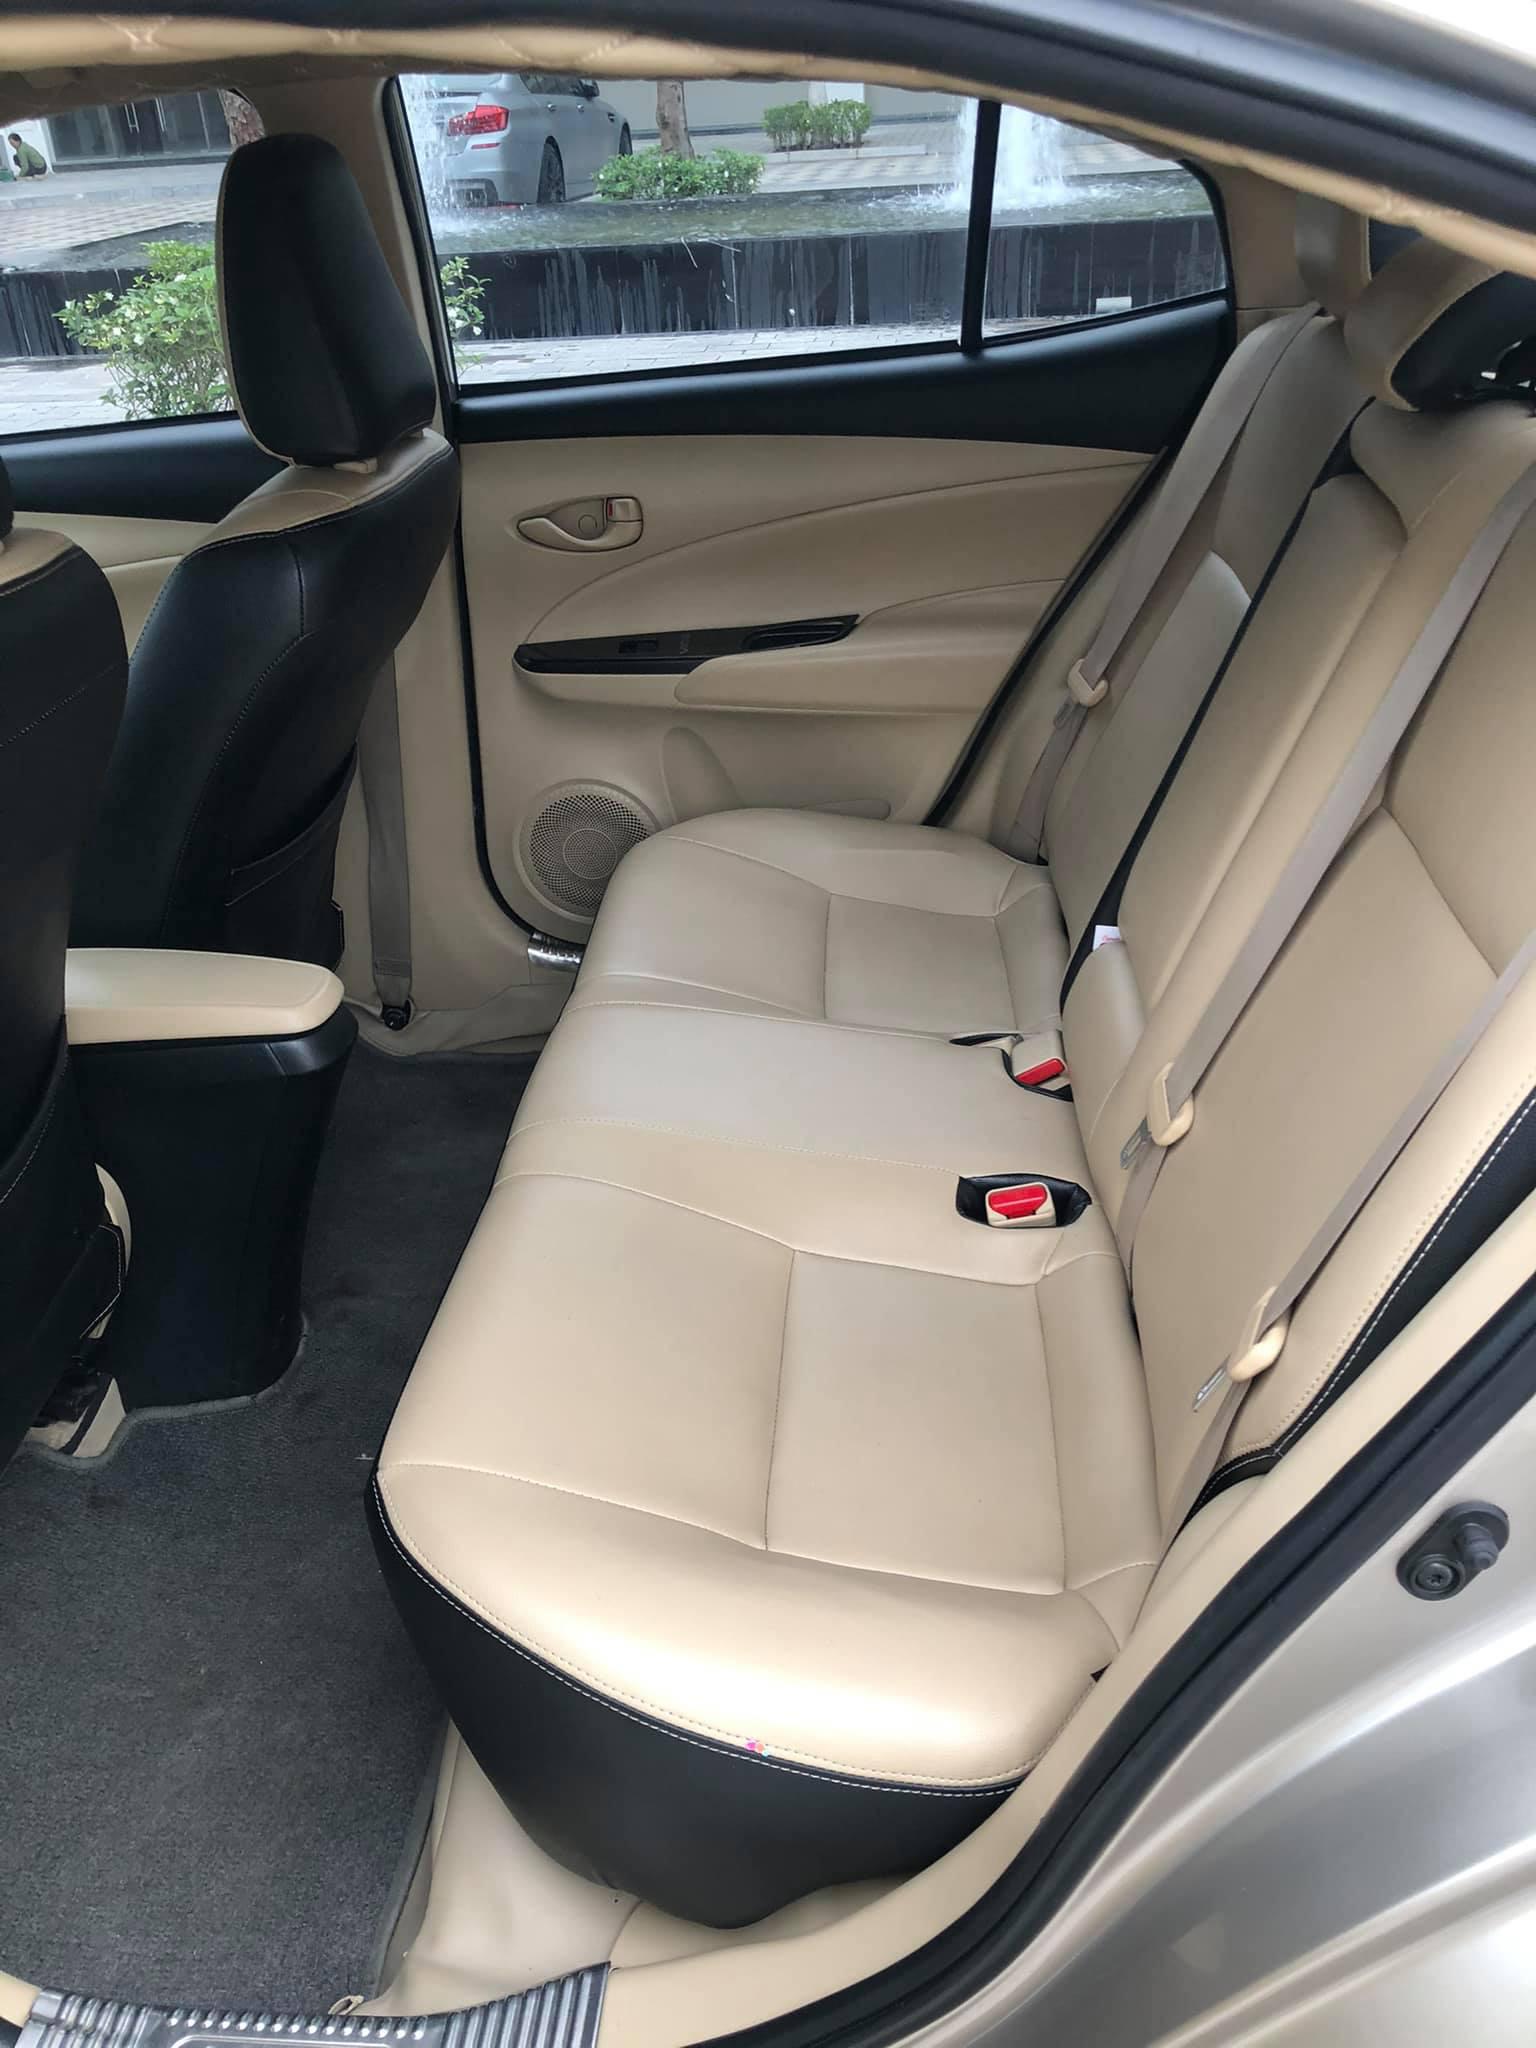 Toyota Vios số sàn đời 2018 màu vàng cát, đẹp như mới, rao bán giá ngỡ ngàng - Ảnh 5.